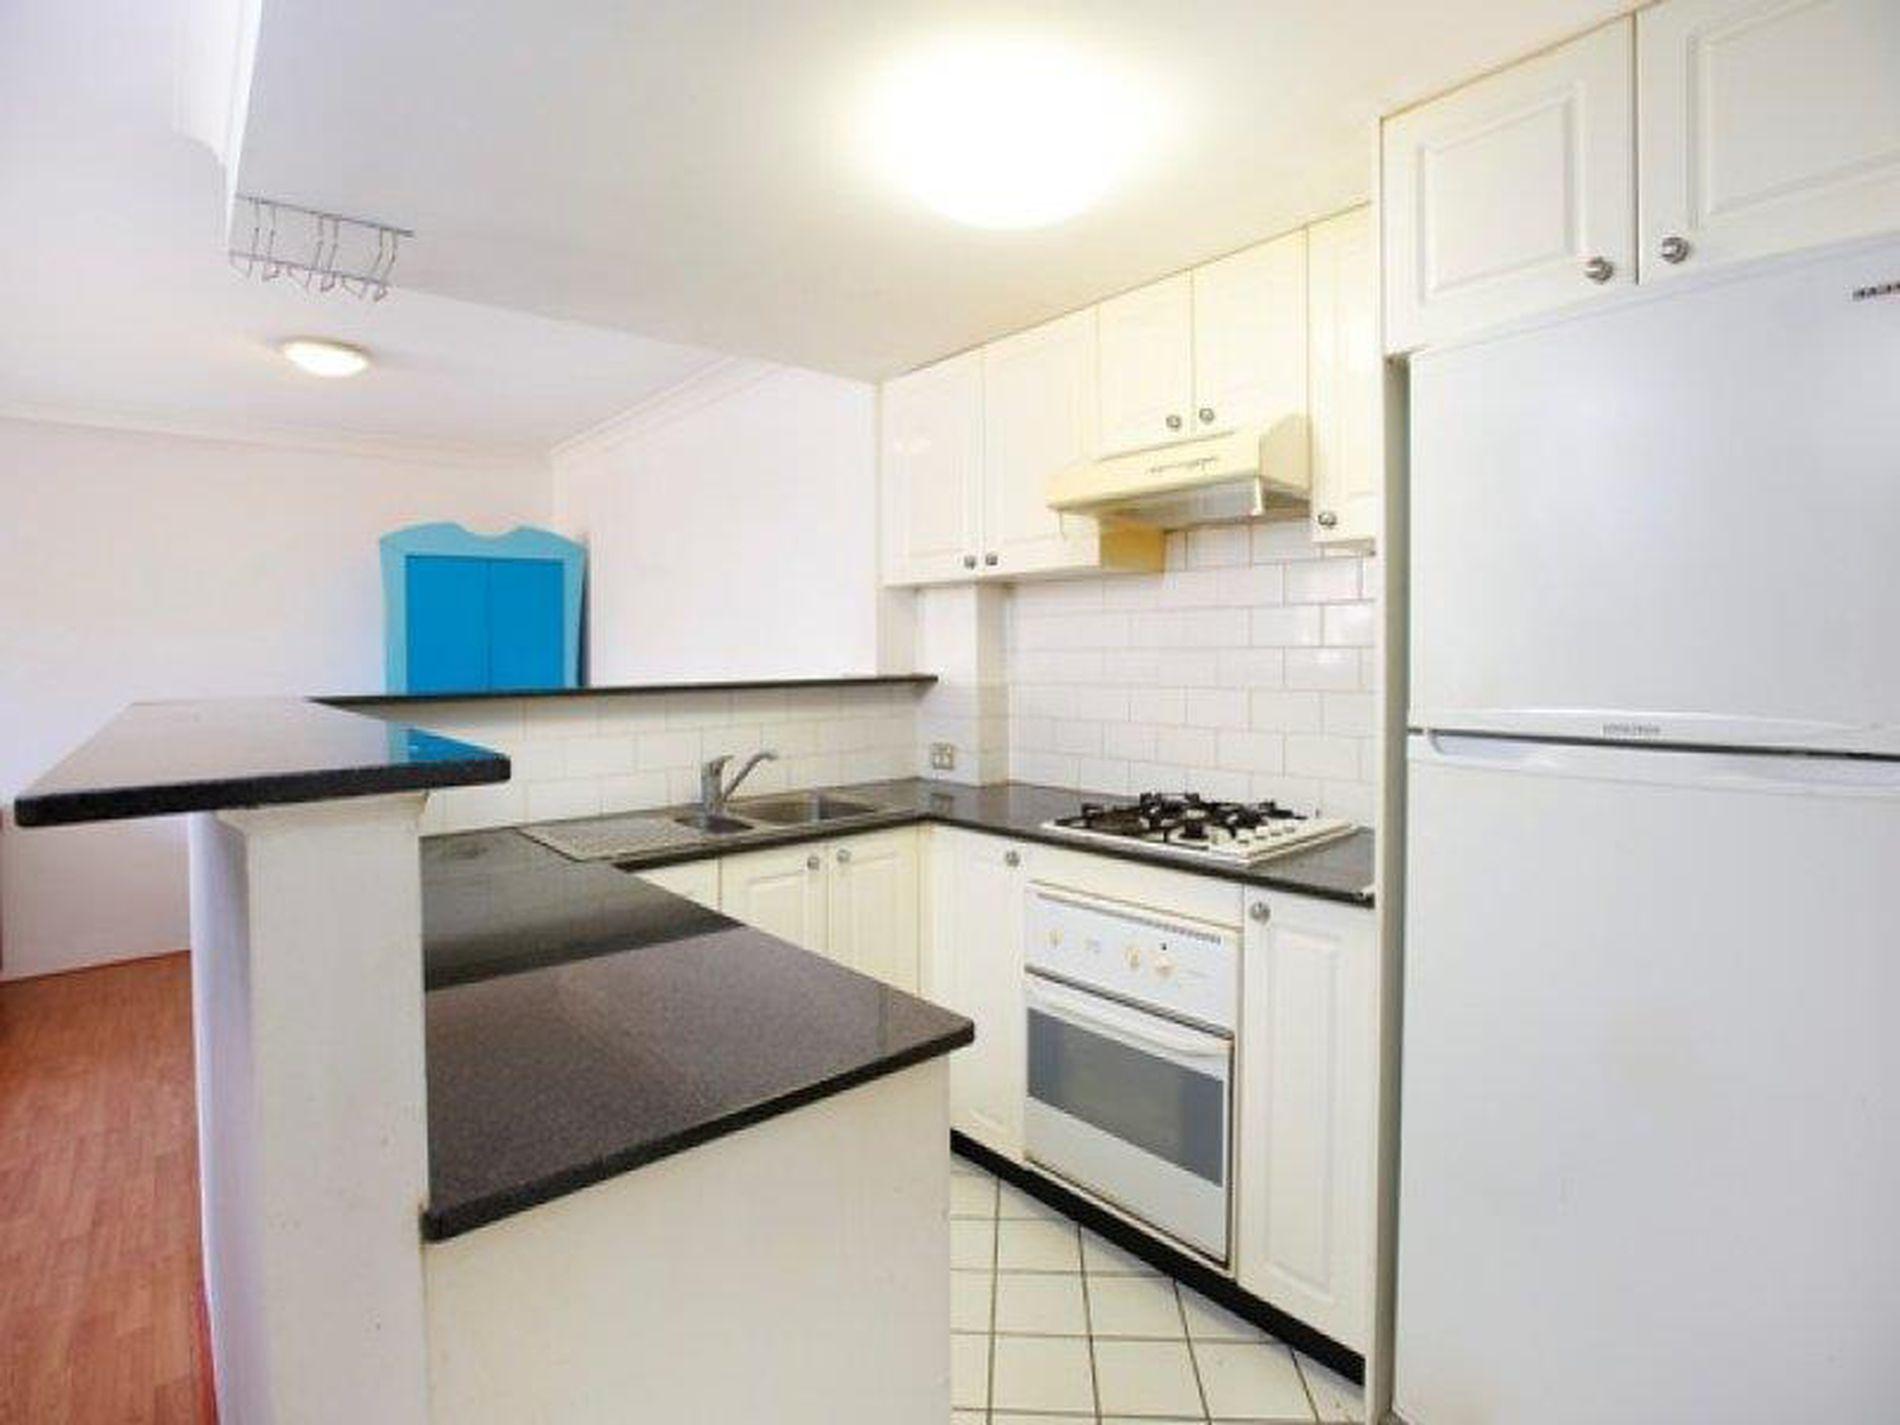 79 / 68 Macarthur Street, Parramatta